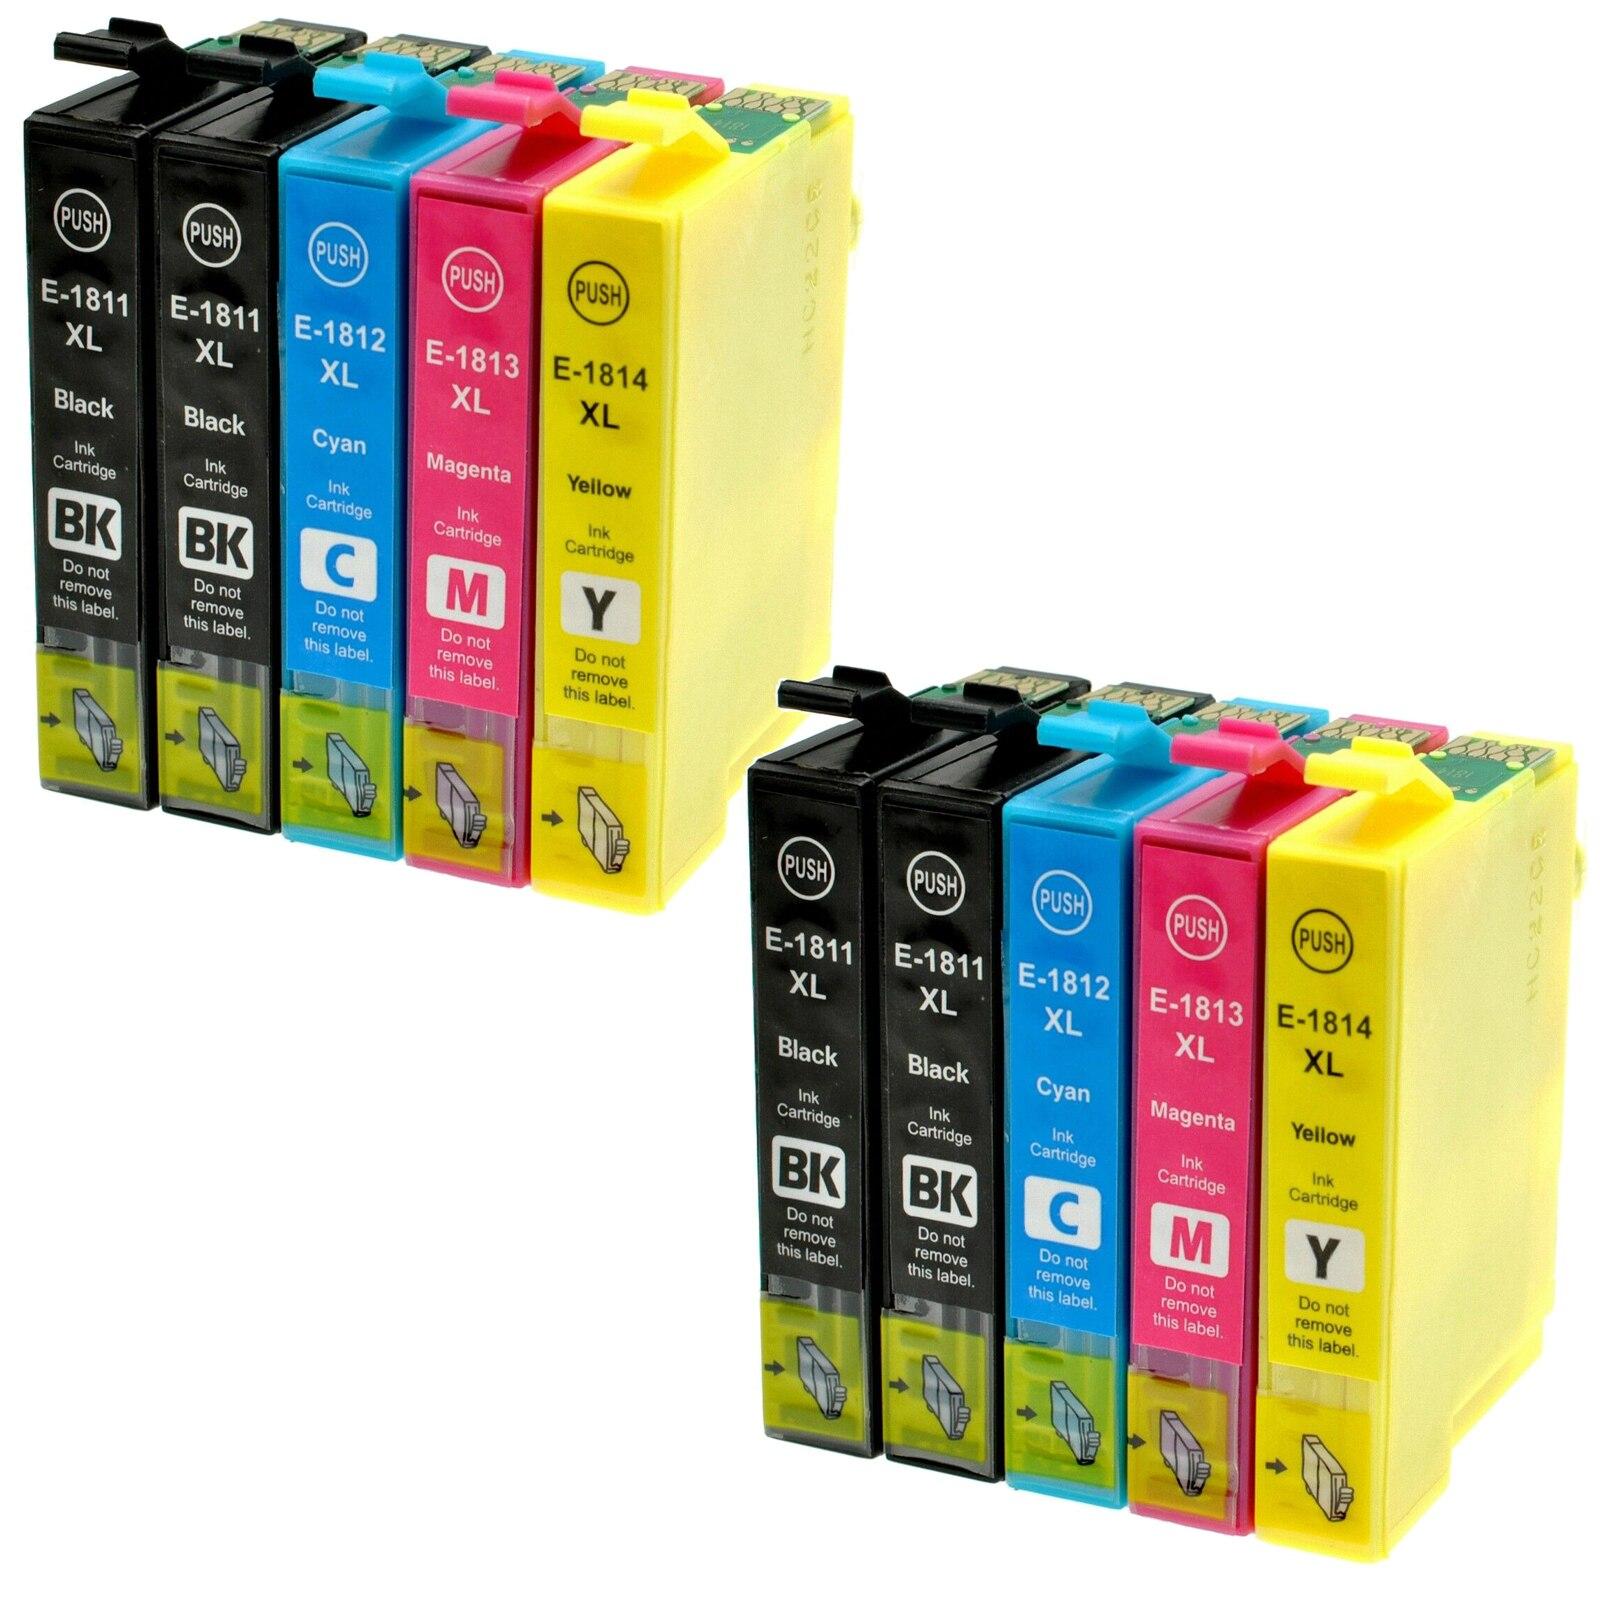 10 Cartriges T18XL T 18XL T 18 XL T1811 T1812 T1813 T1814's Refill Compatible For Printer Epson Model XP205